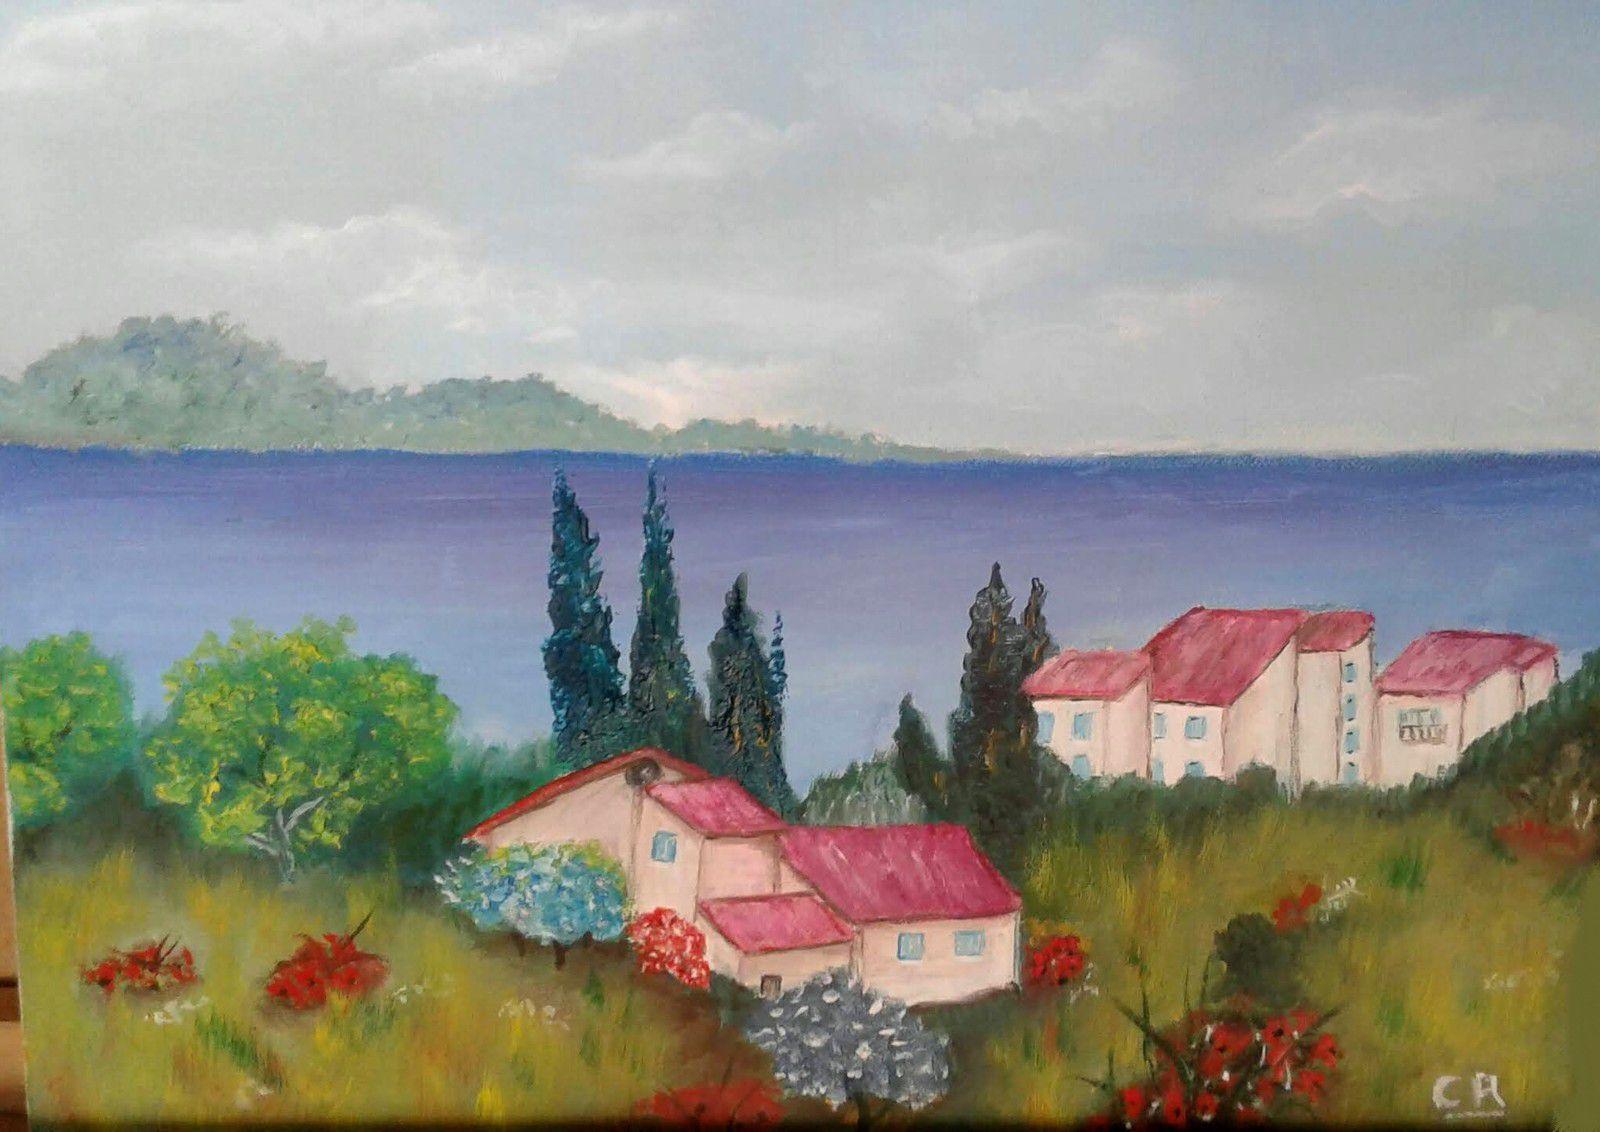 Peinture à l'huile réalisée par Claude. Très doux, j'aime beaucoup. Bravo Claude !!